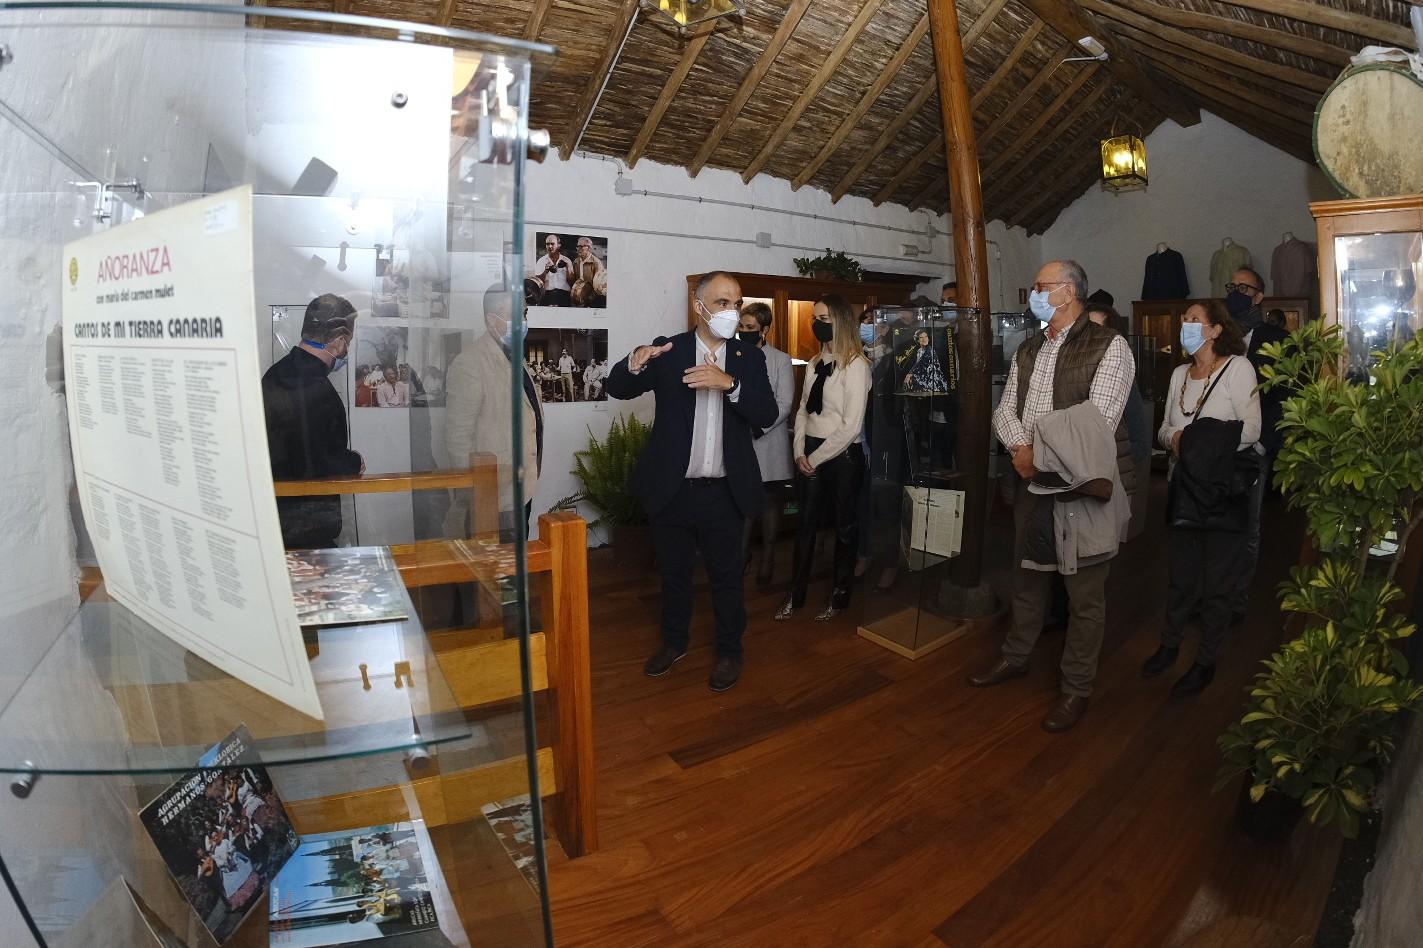 La Fundación Canaria Nanino Díaz Cutillas estrena sede en la Casa del Obispo de Ingenio, espacio cedido por el Ayuntamiento